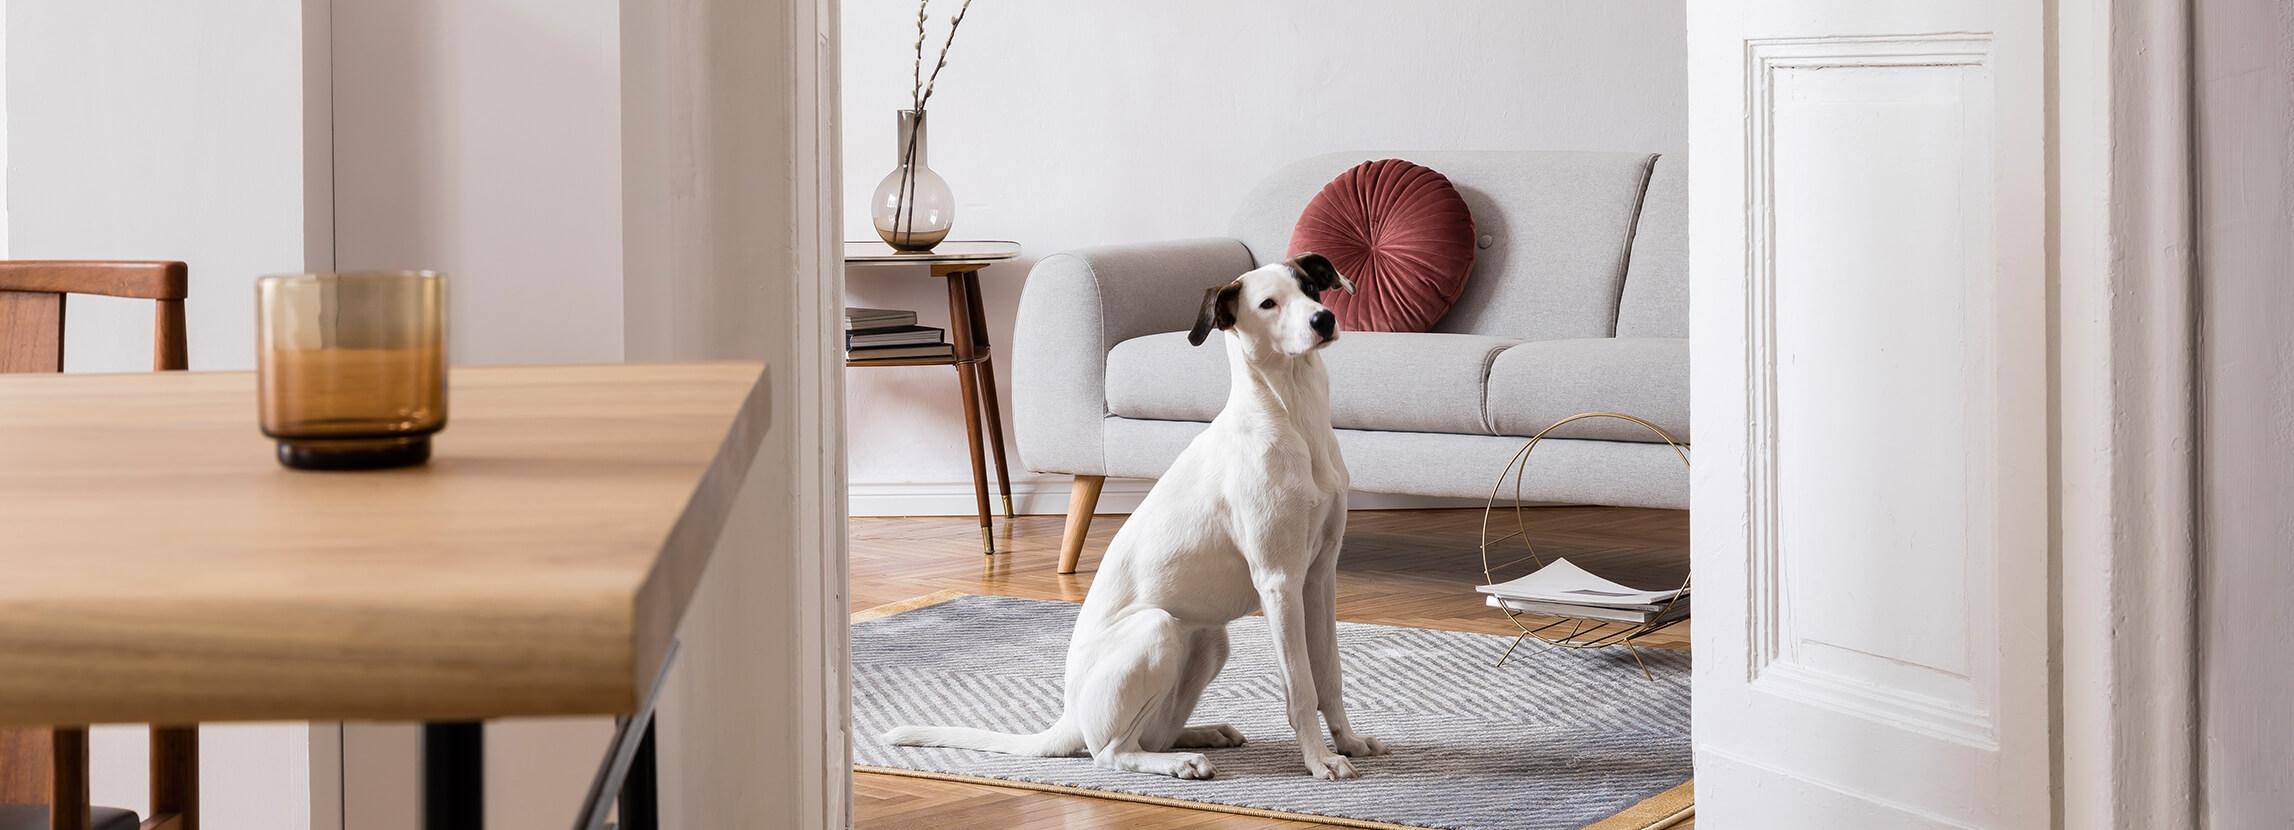 Dom tymczasowy dla psa i kota